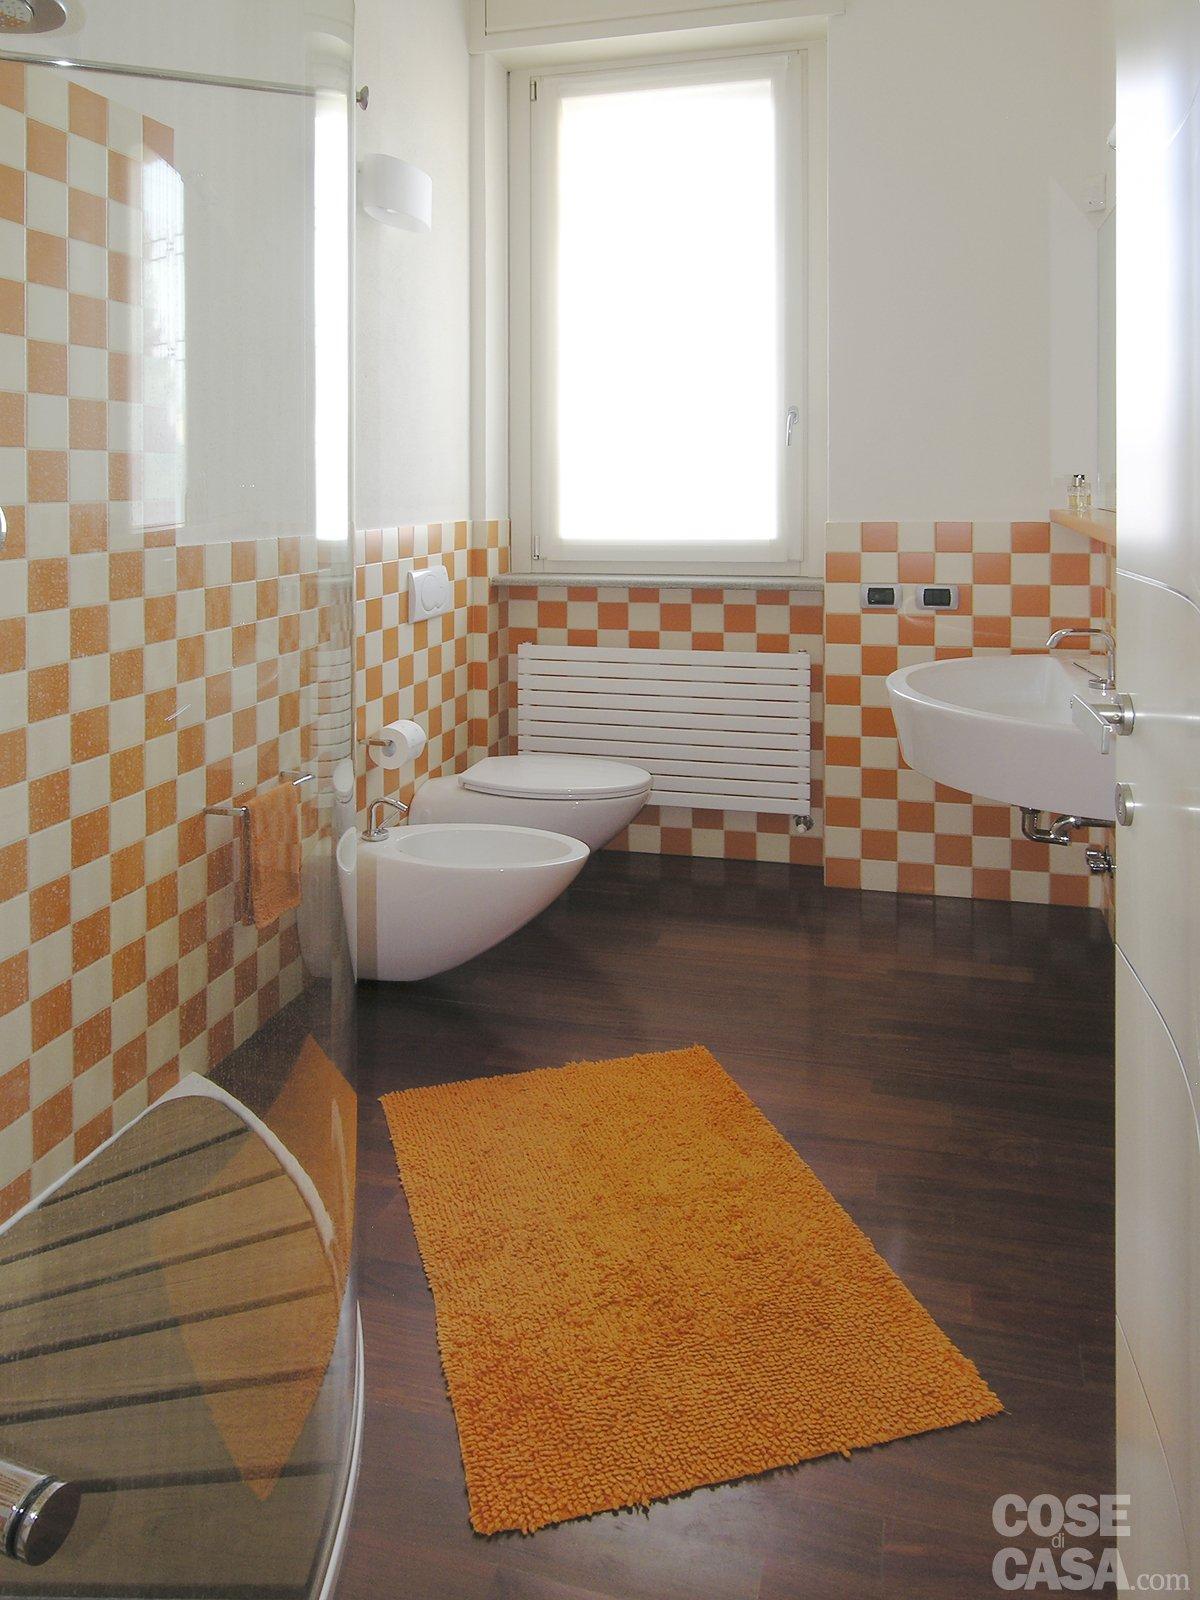 Una casa con tante idee da copiare cose di casa - Come piastrellare un muro esterno ...